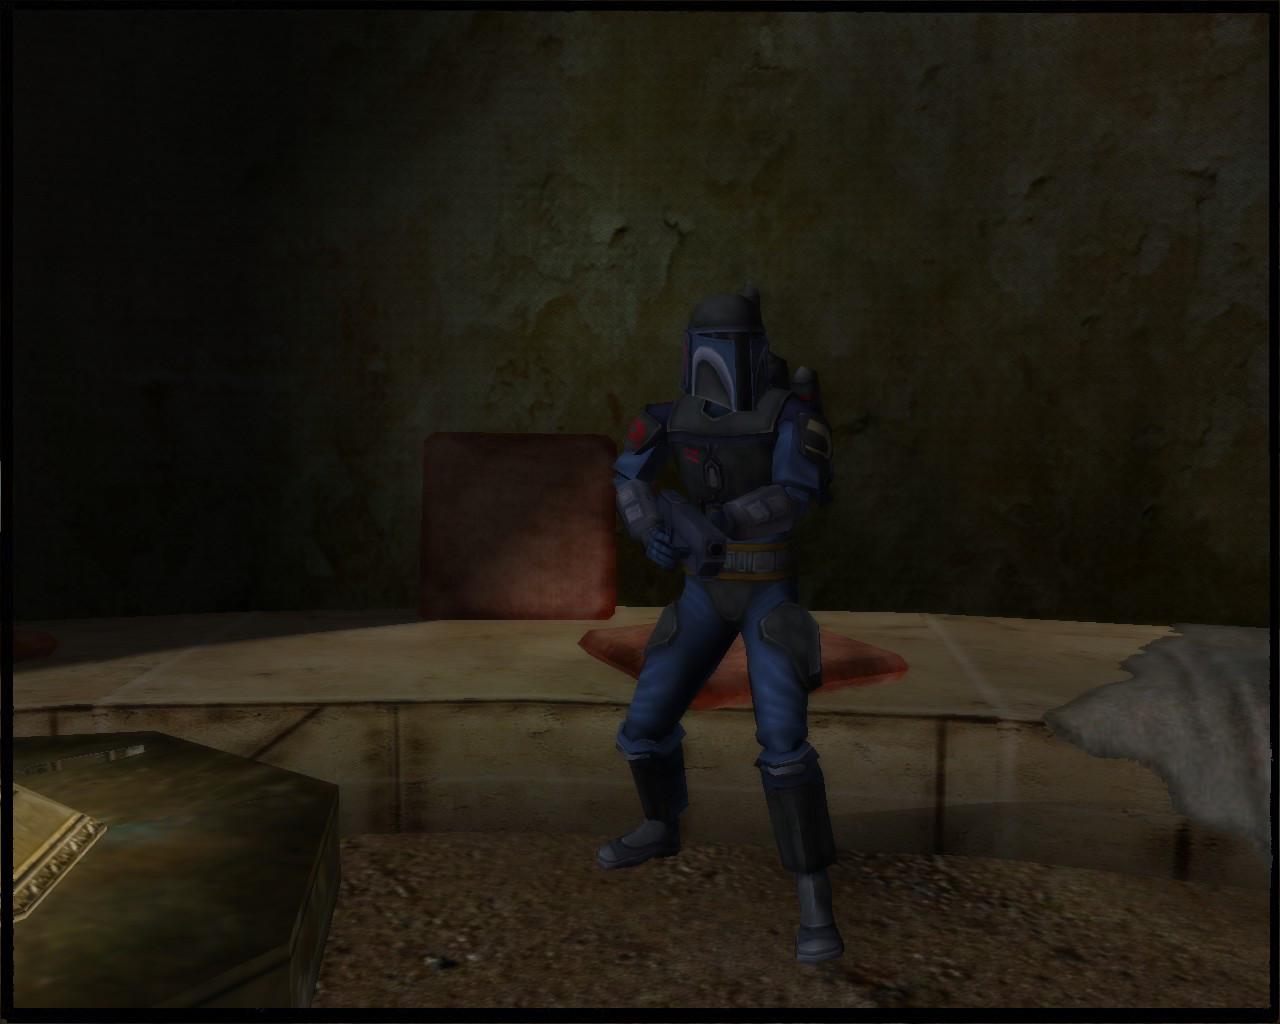 Death Watch soldier